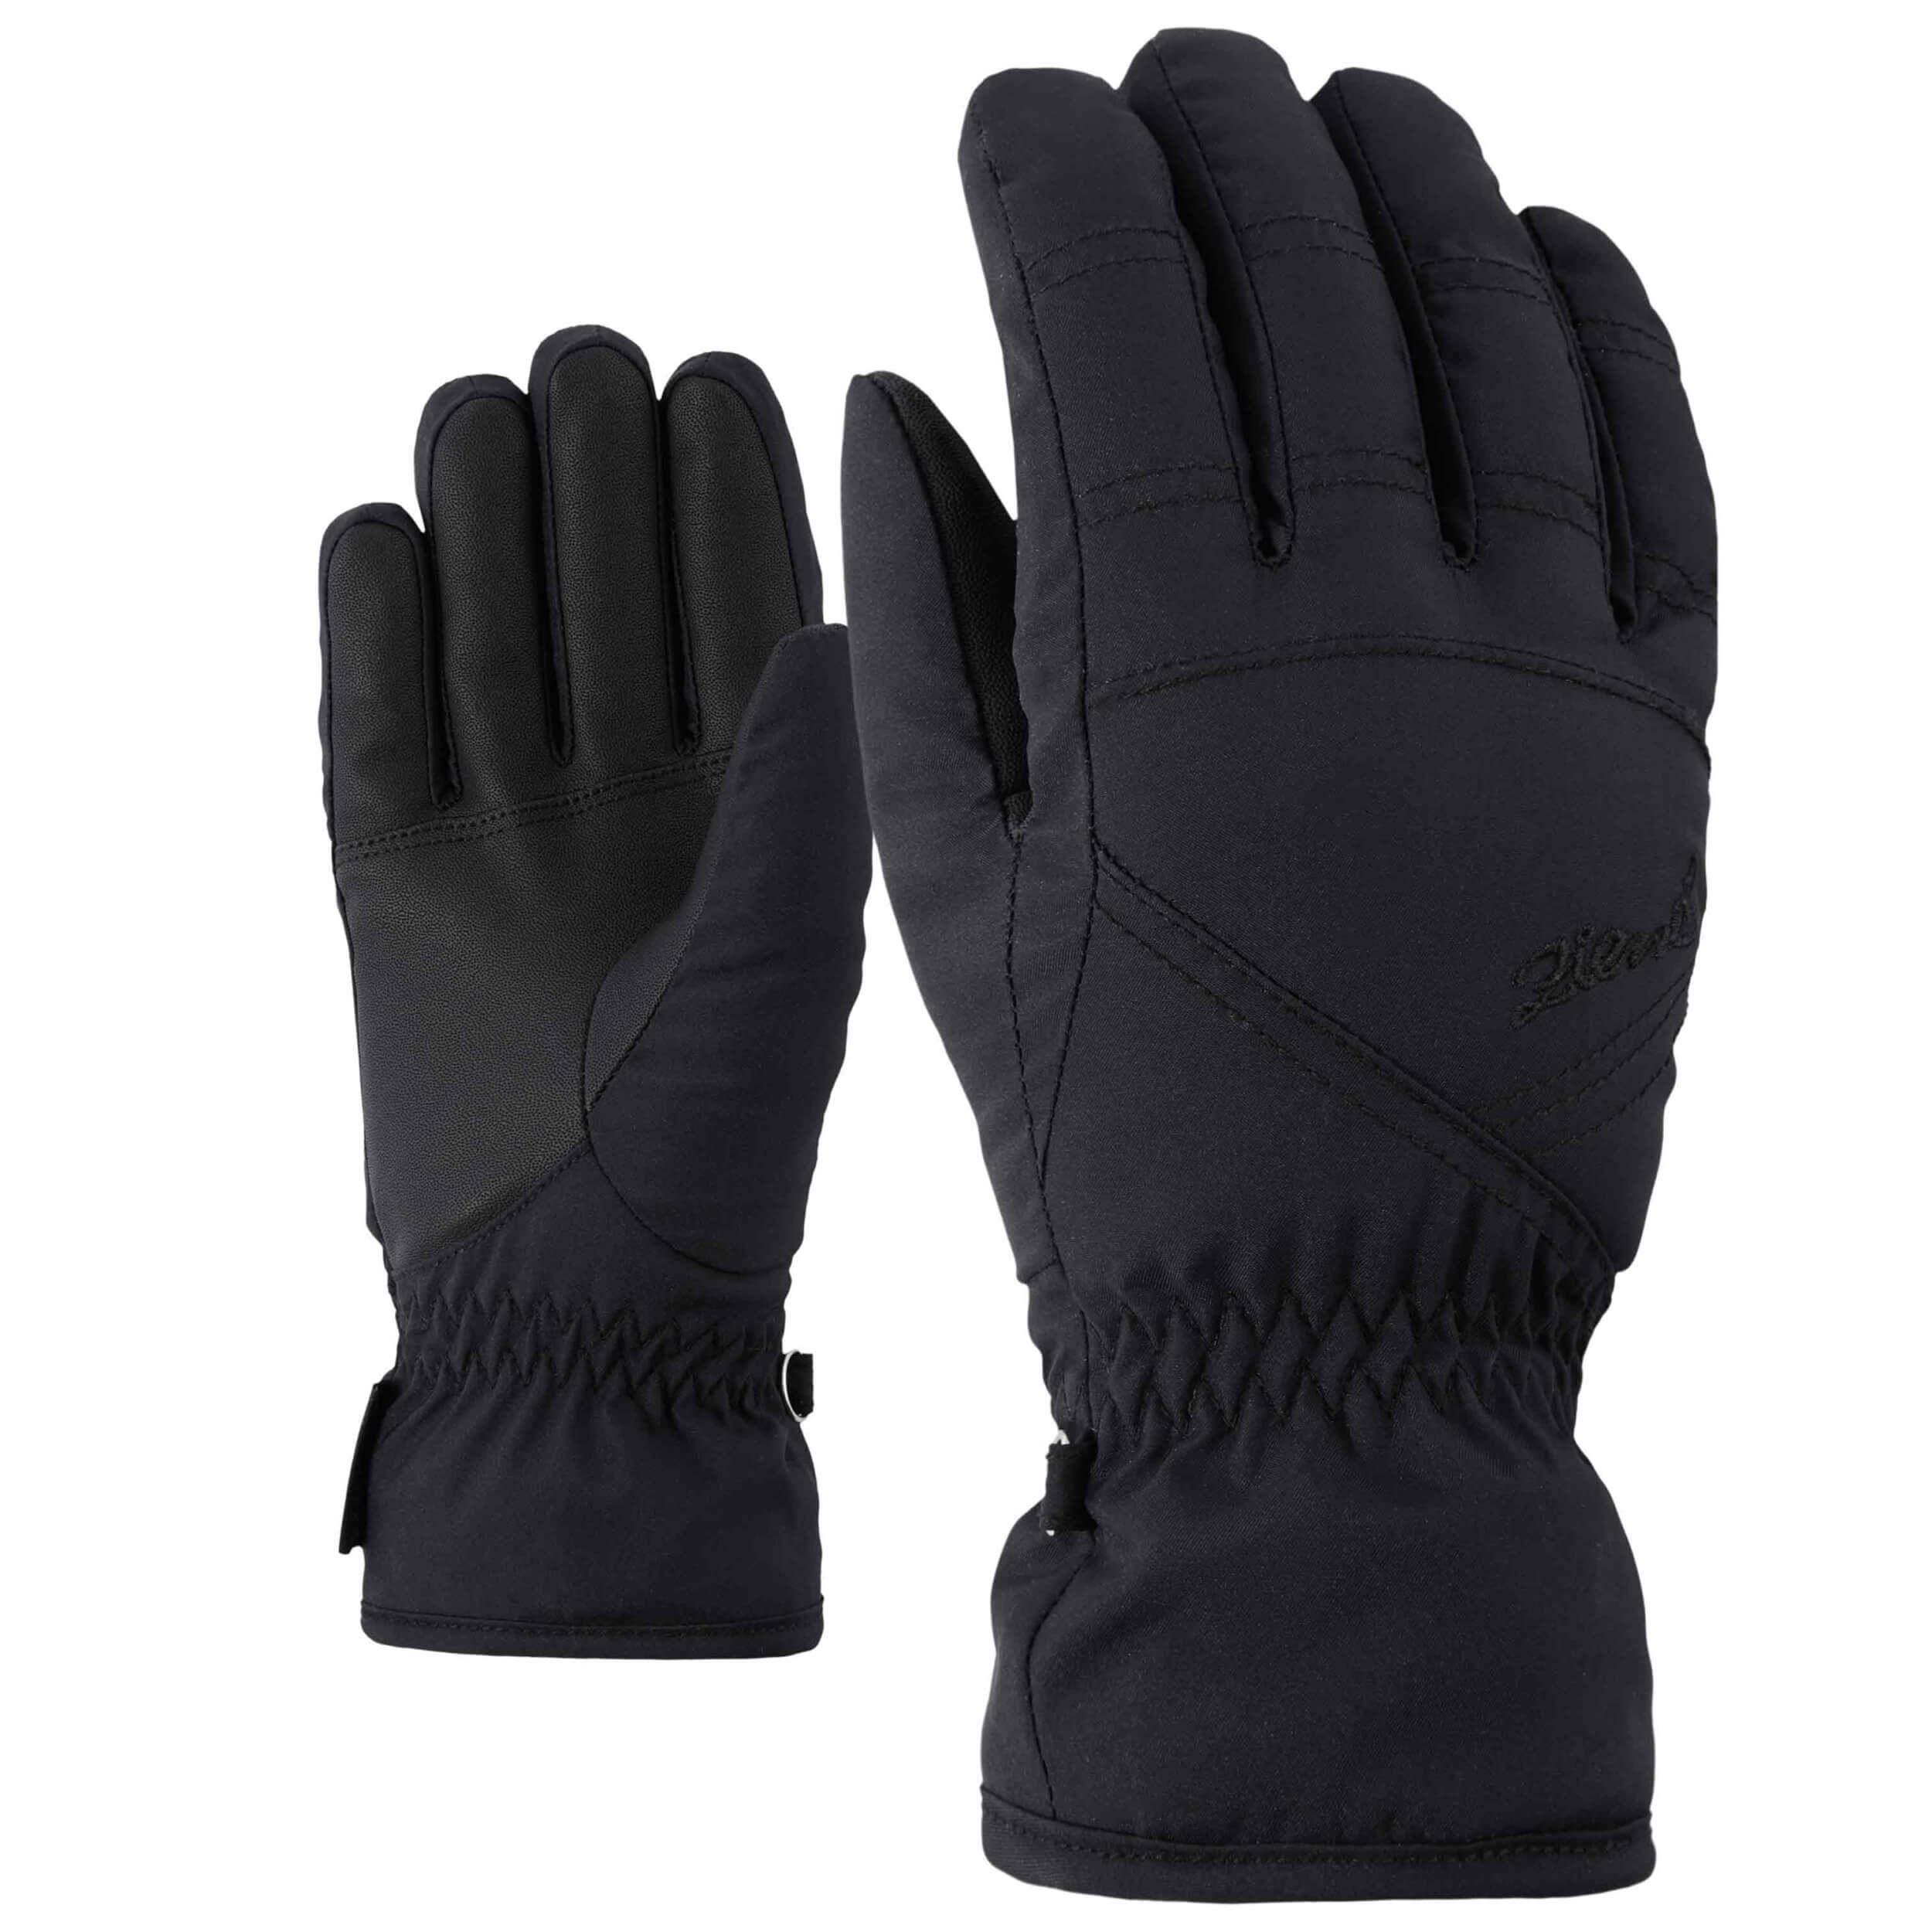 ZIENER Damen Ski Handschuhe GORETEX Kima schwarz 12